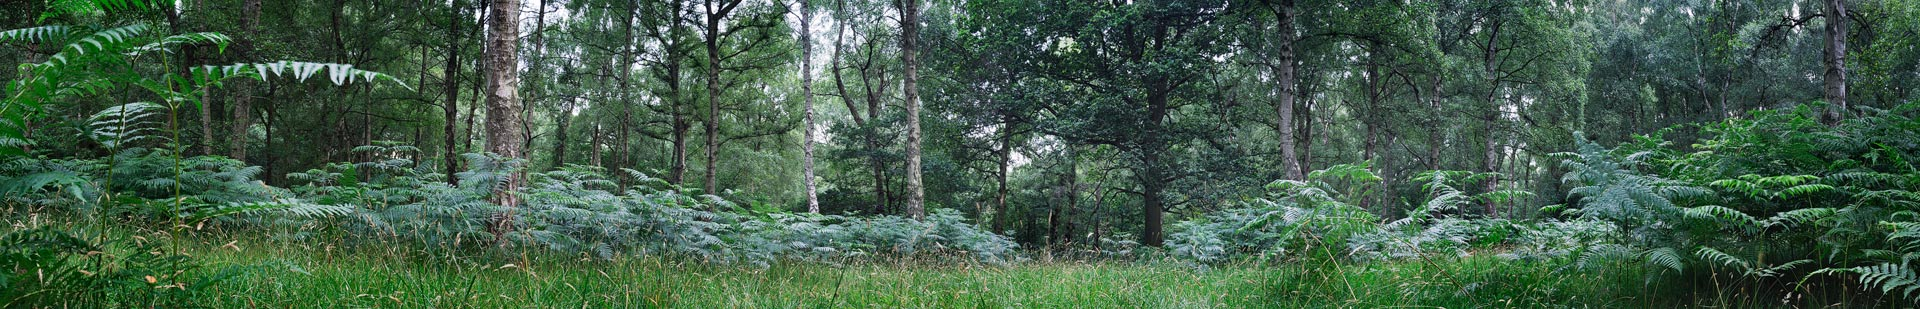 Forest, Ashridge Park, Hertfordshire, England, UK